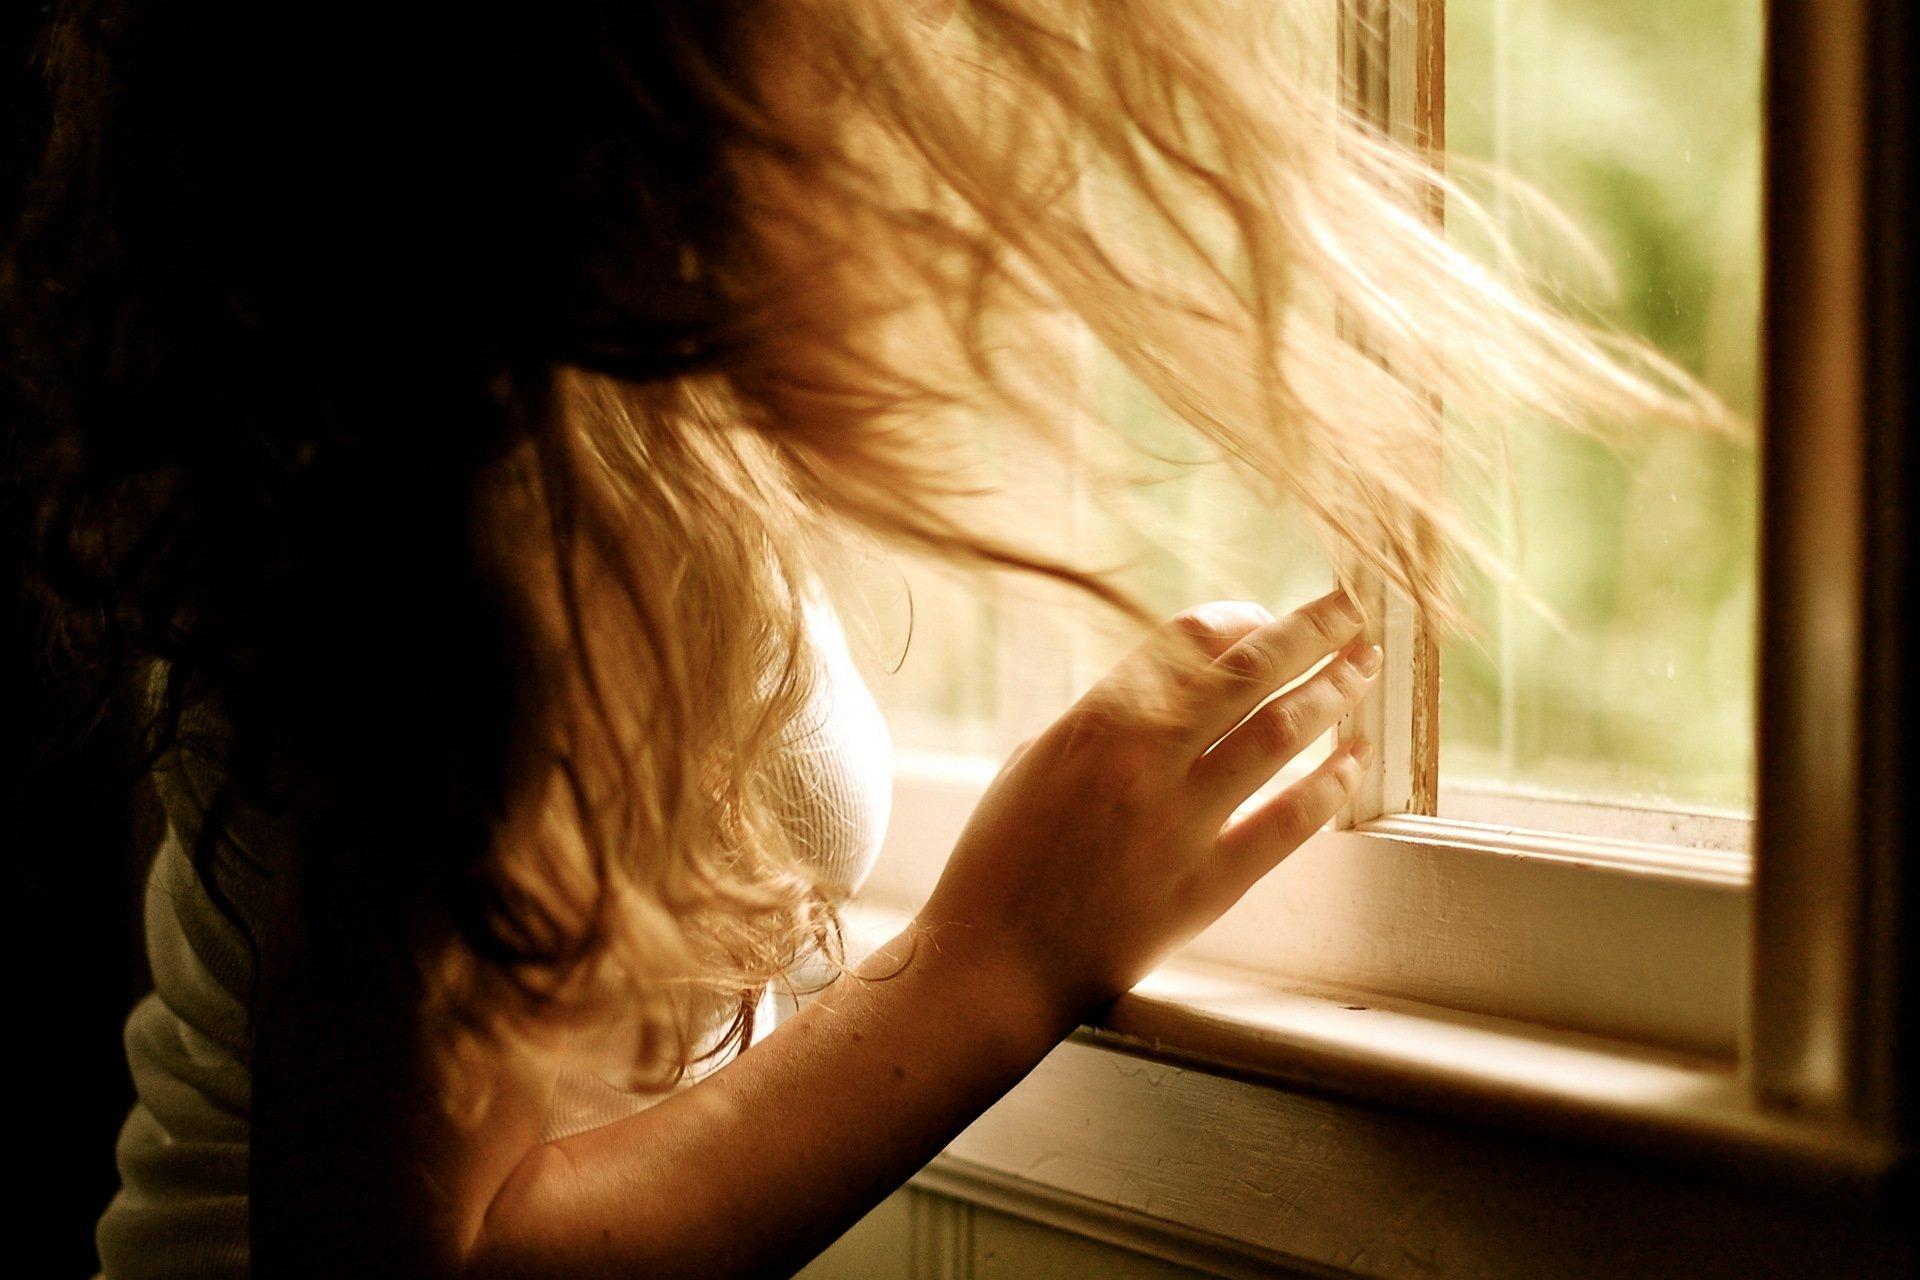 Фото девушек возле окна без лица